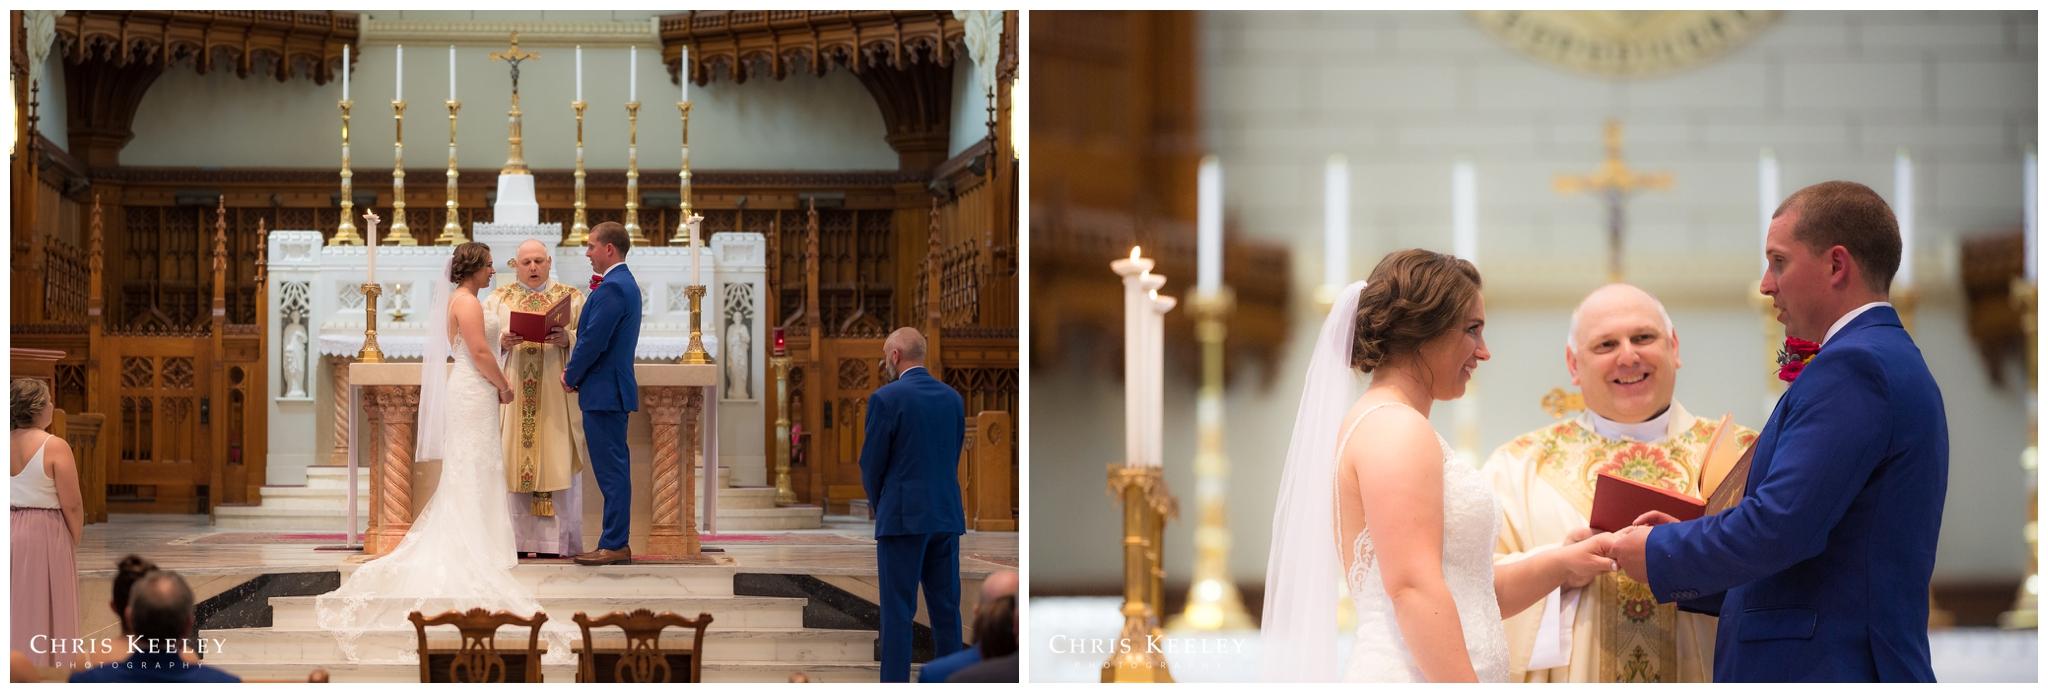 catholic-ceremony-rings-exchange.jpg